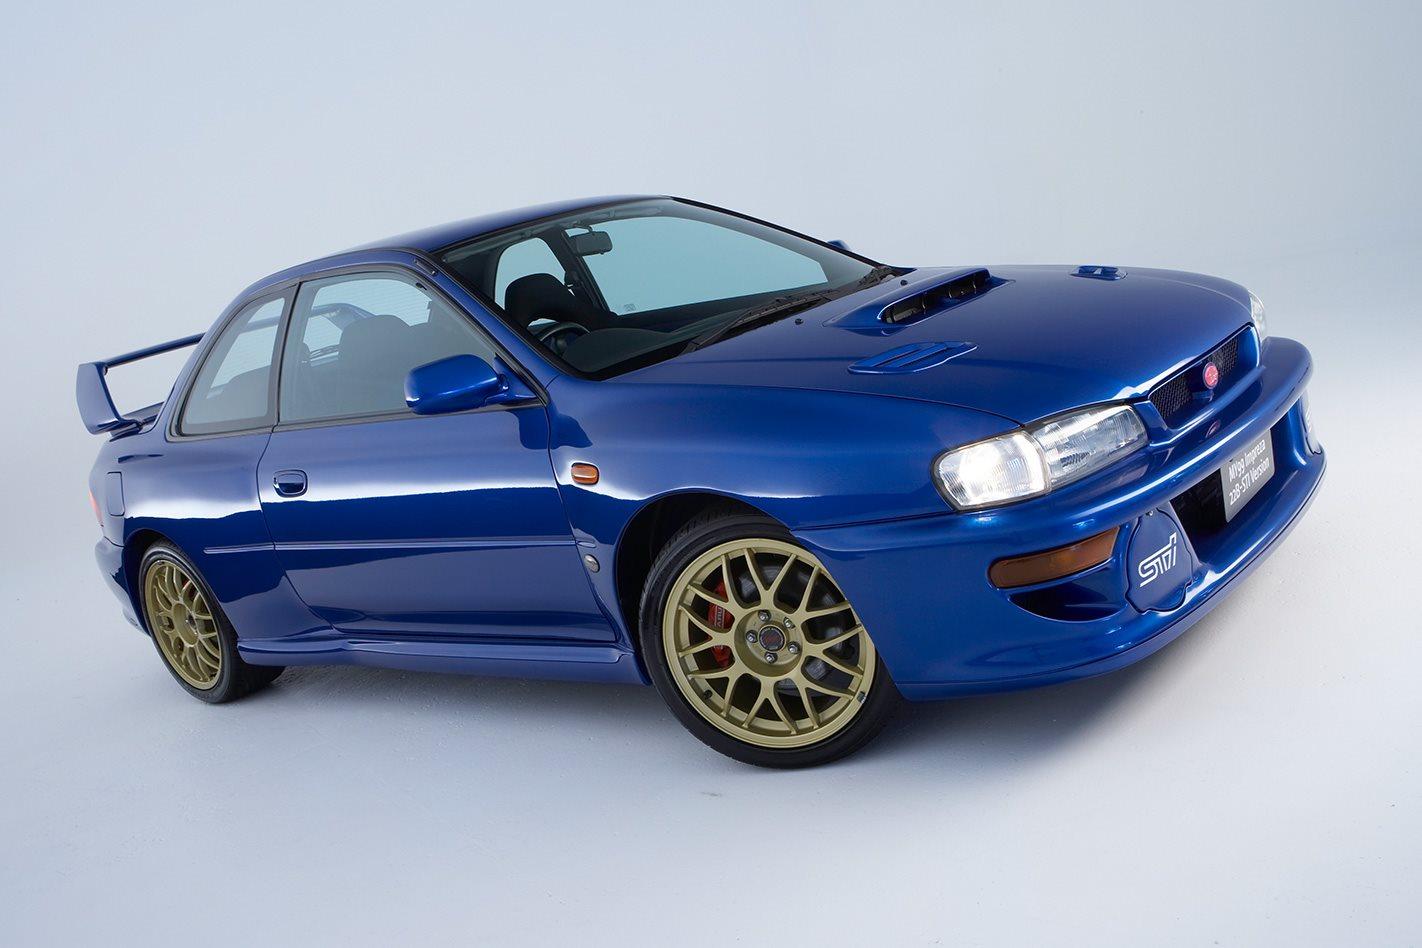 1999 Subaru WRX STi 22B exterior